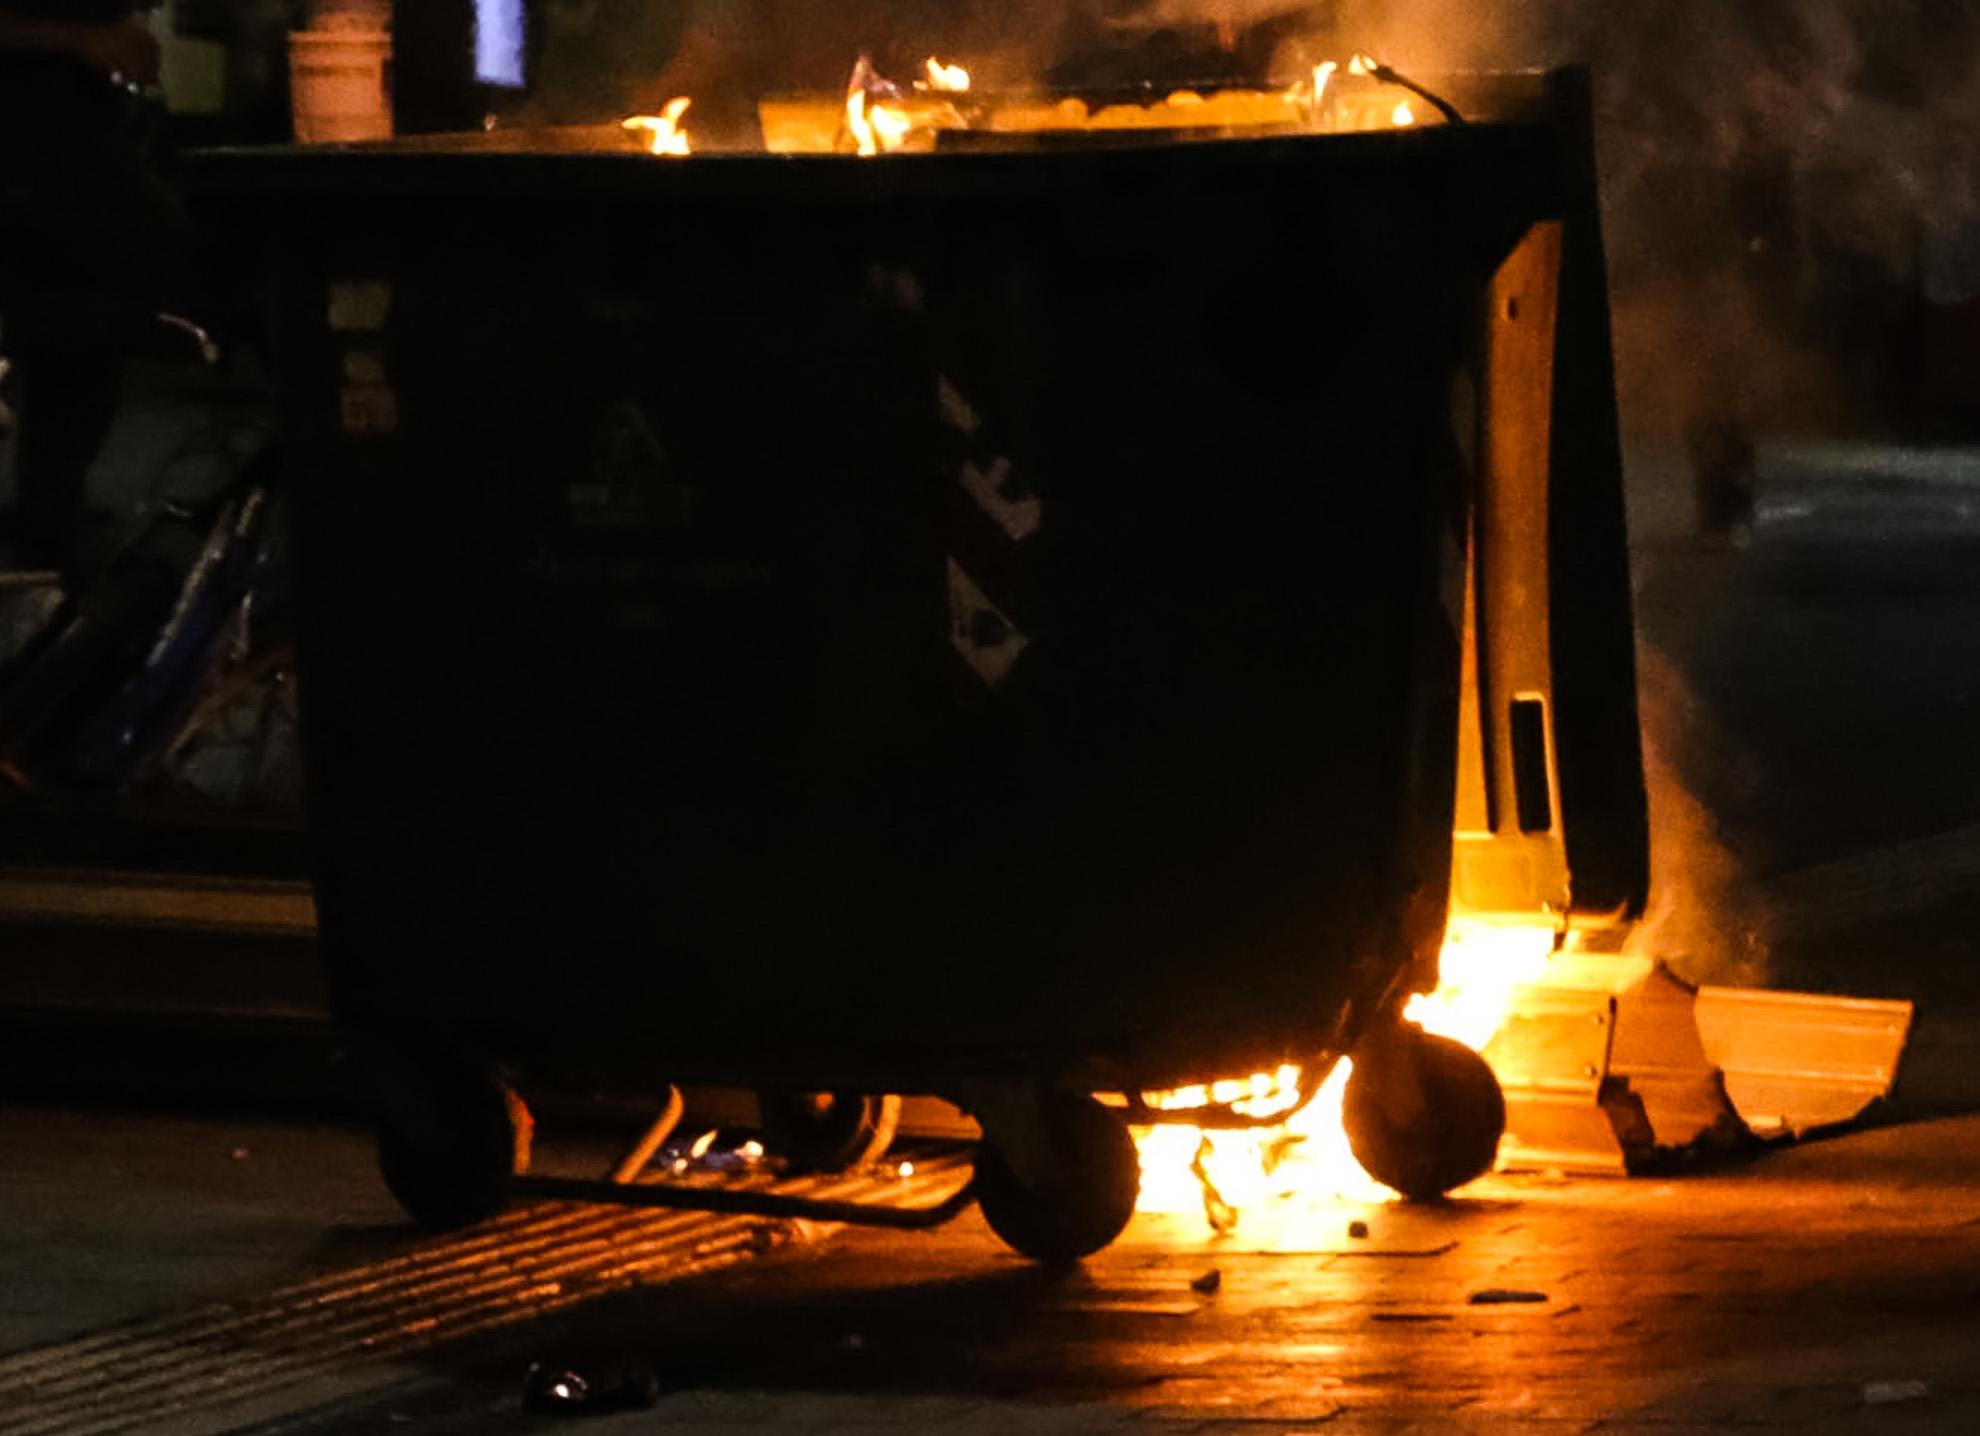 Θεσσαλονίκη: Φωτιές σε κάδους απορριμμάτων